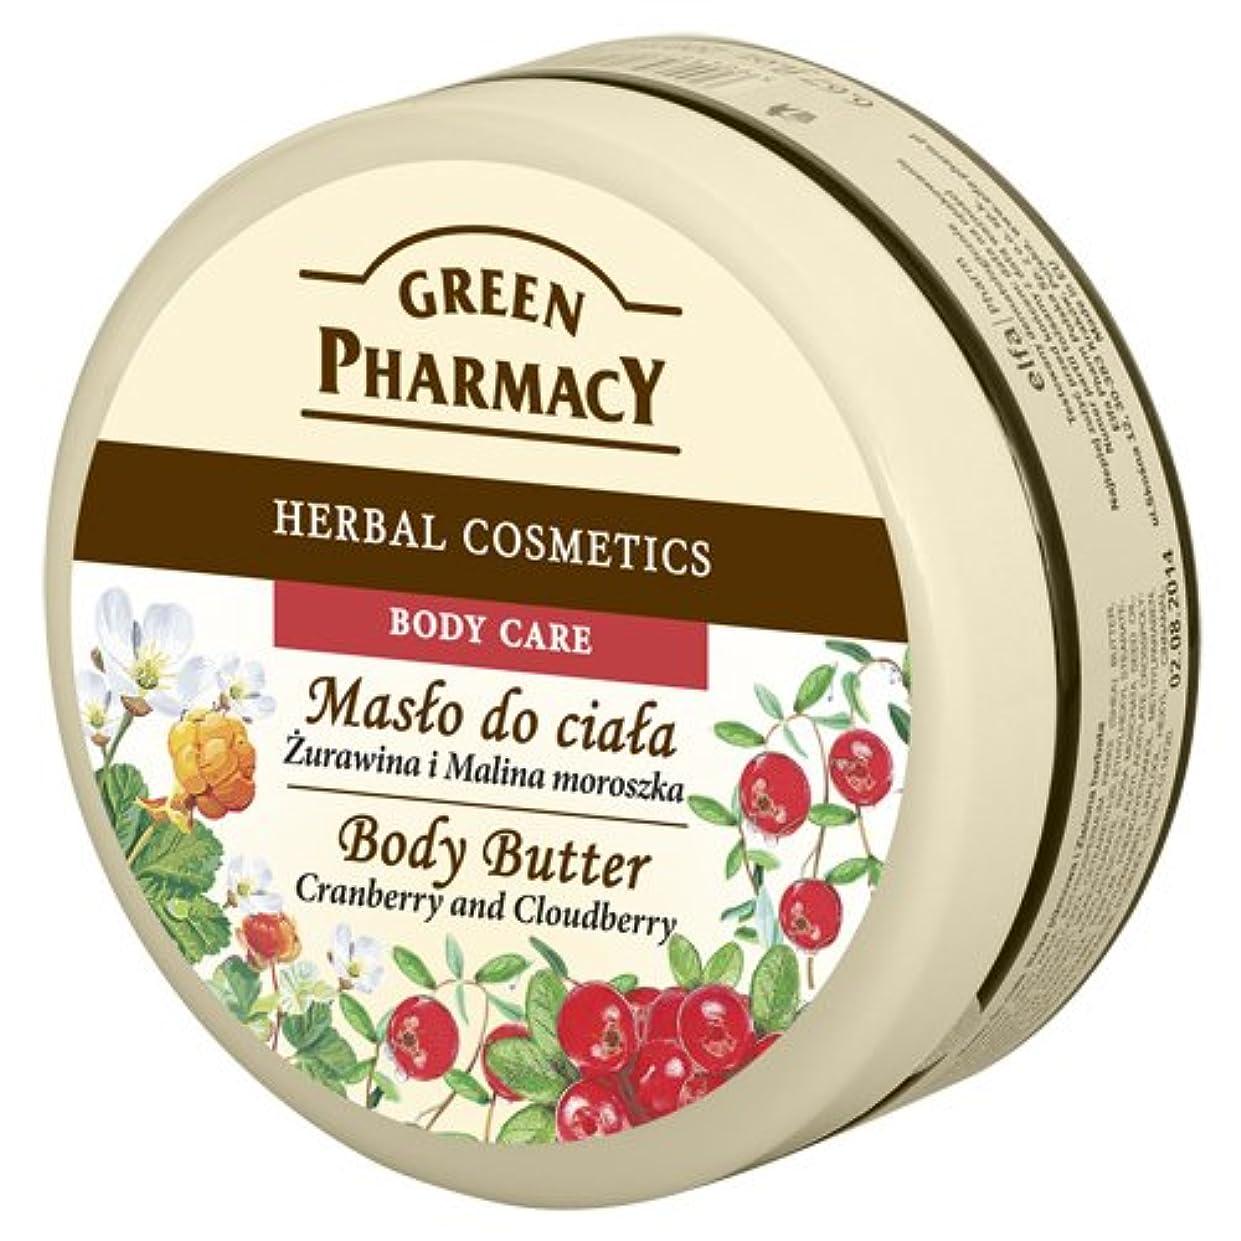 スプリットデクリメントさせるElfa Pharm Green Pharmacy グリーンファーマシー Body Butter ボディバター Cranberry and Cloudberry